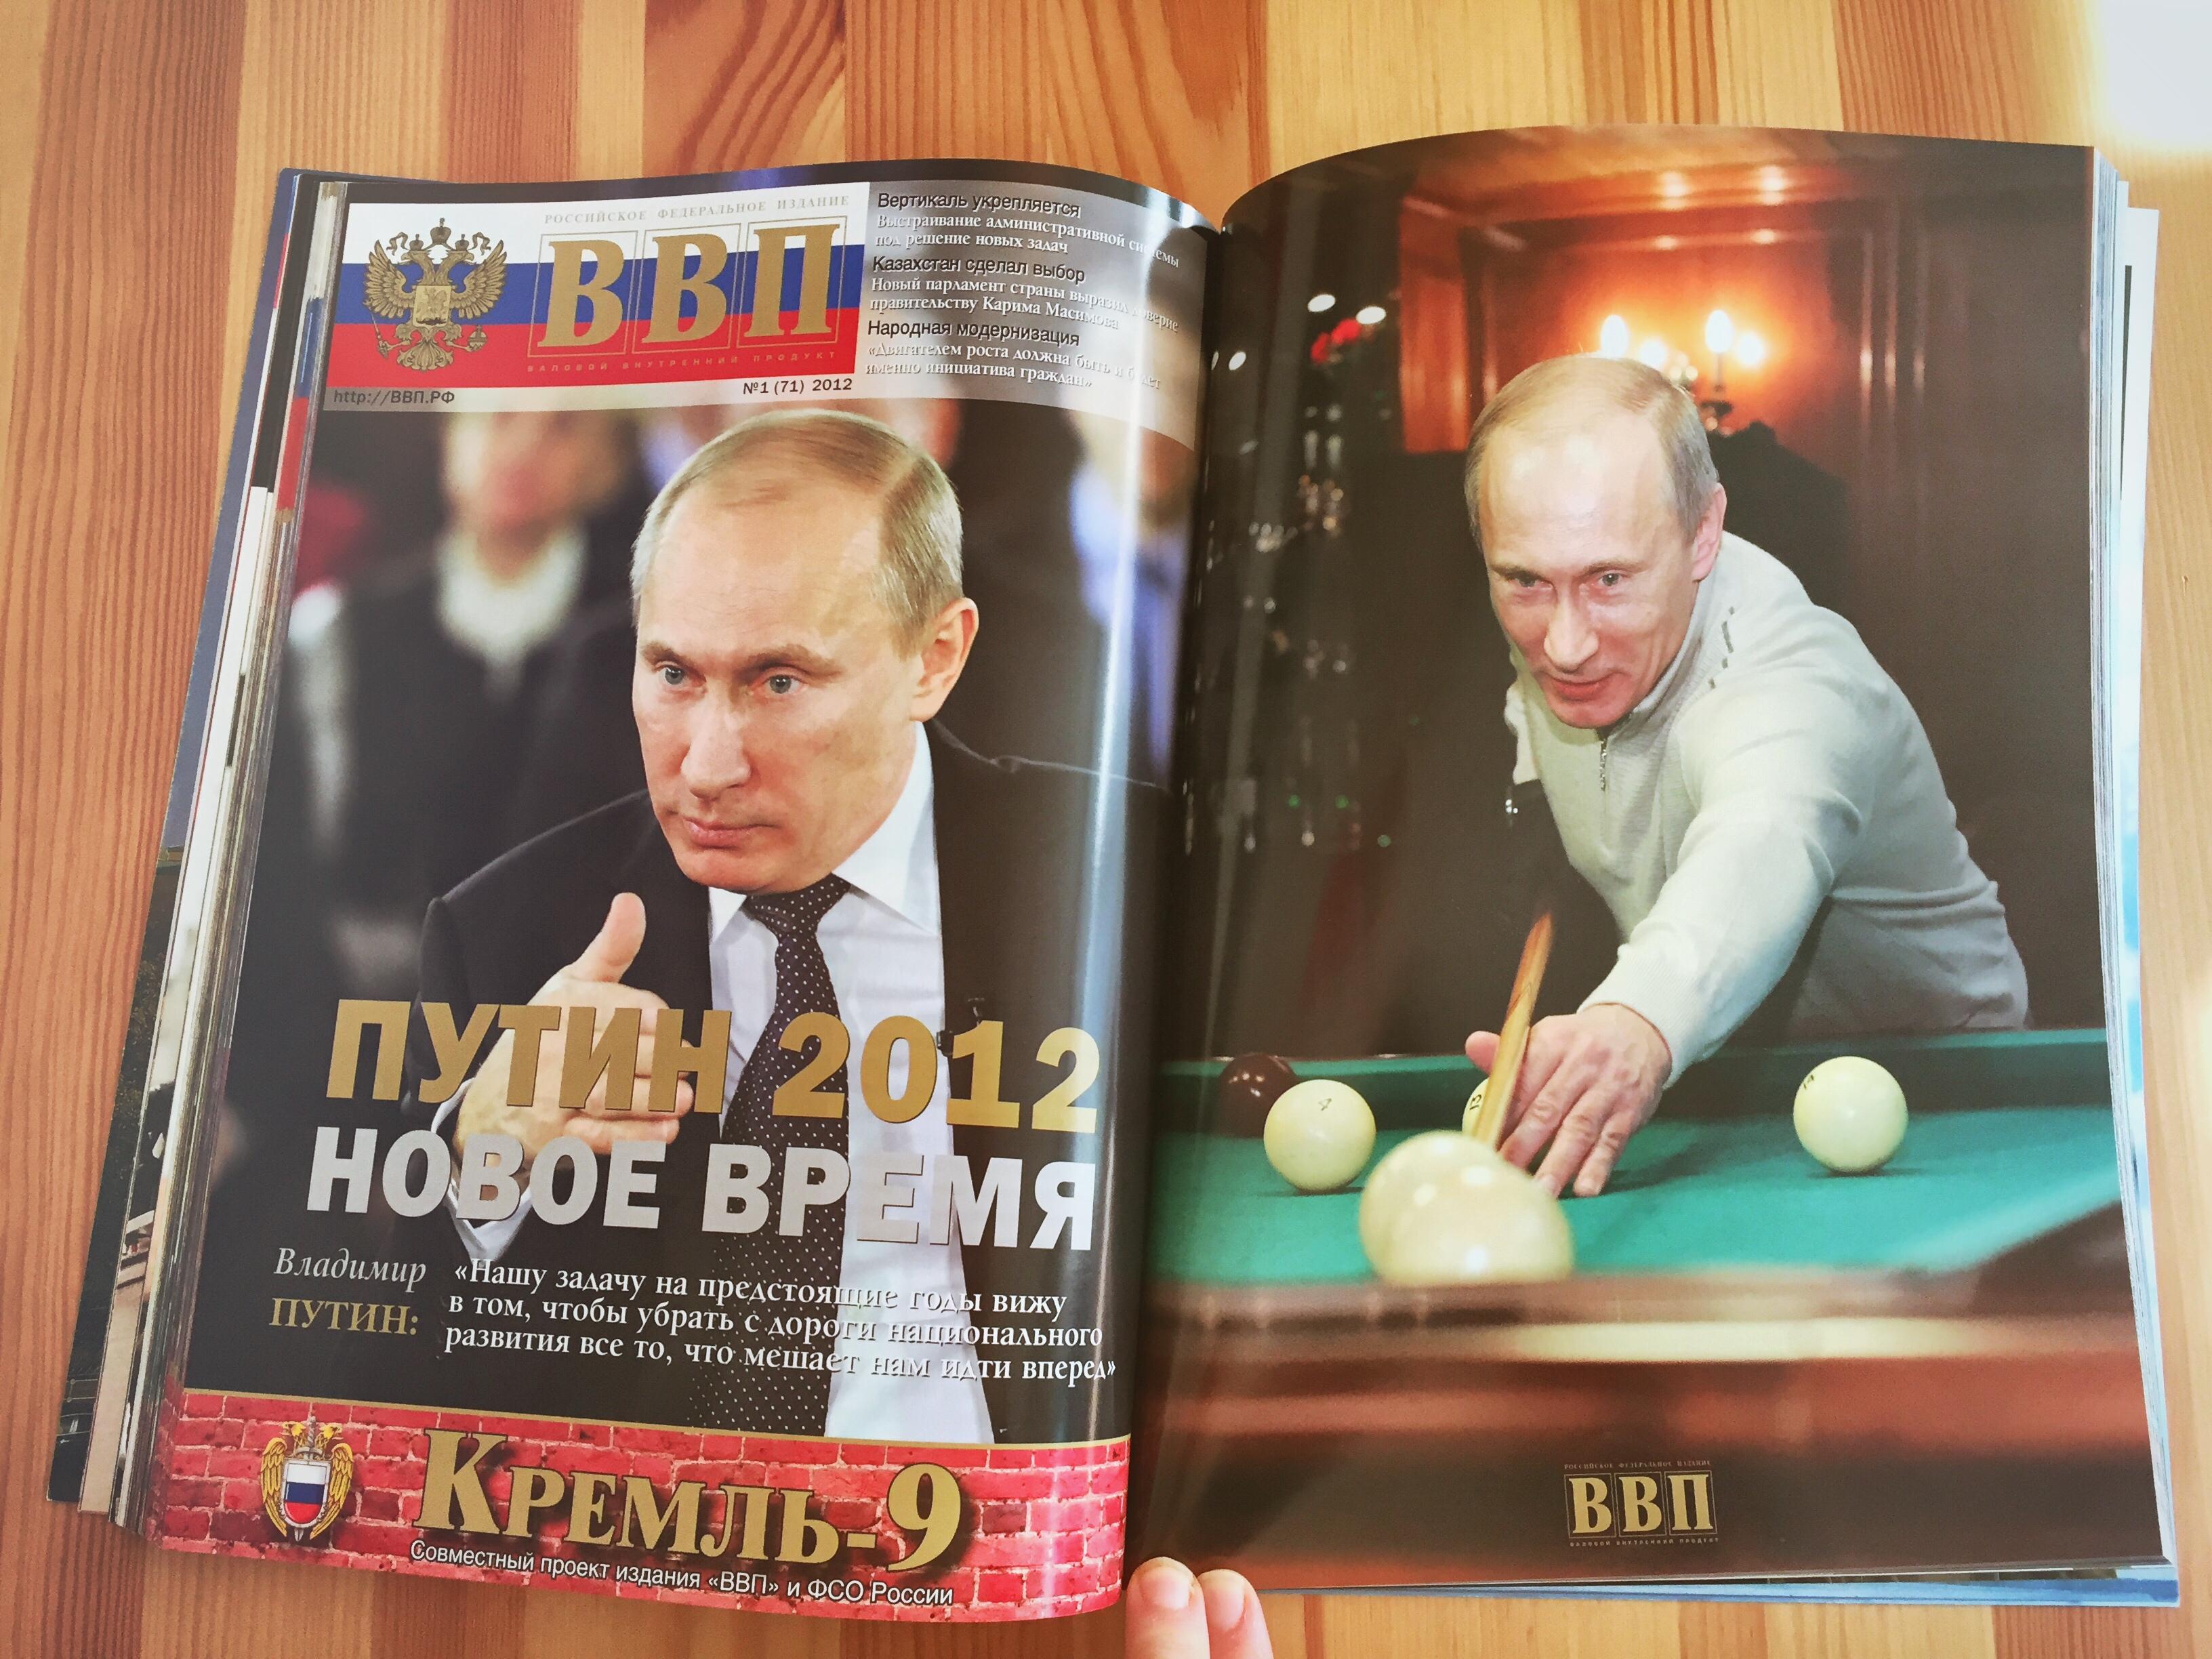 kscheib Putin der Woche Billard